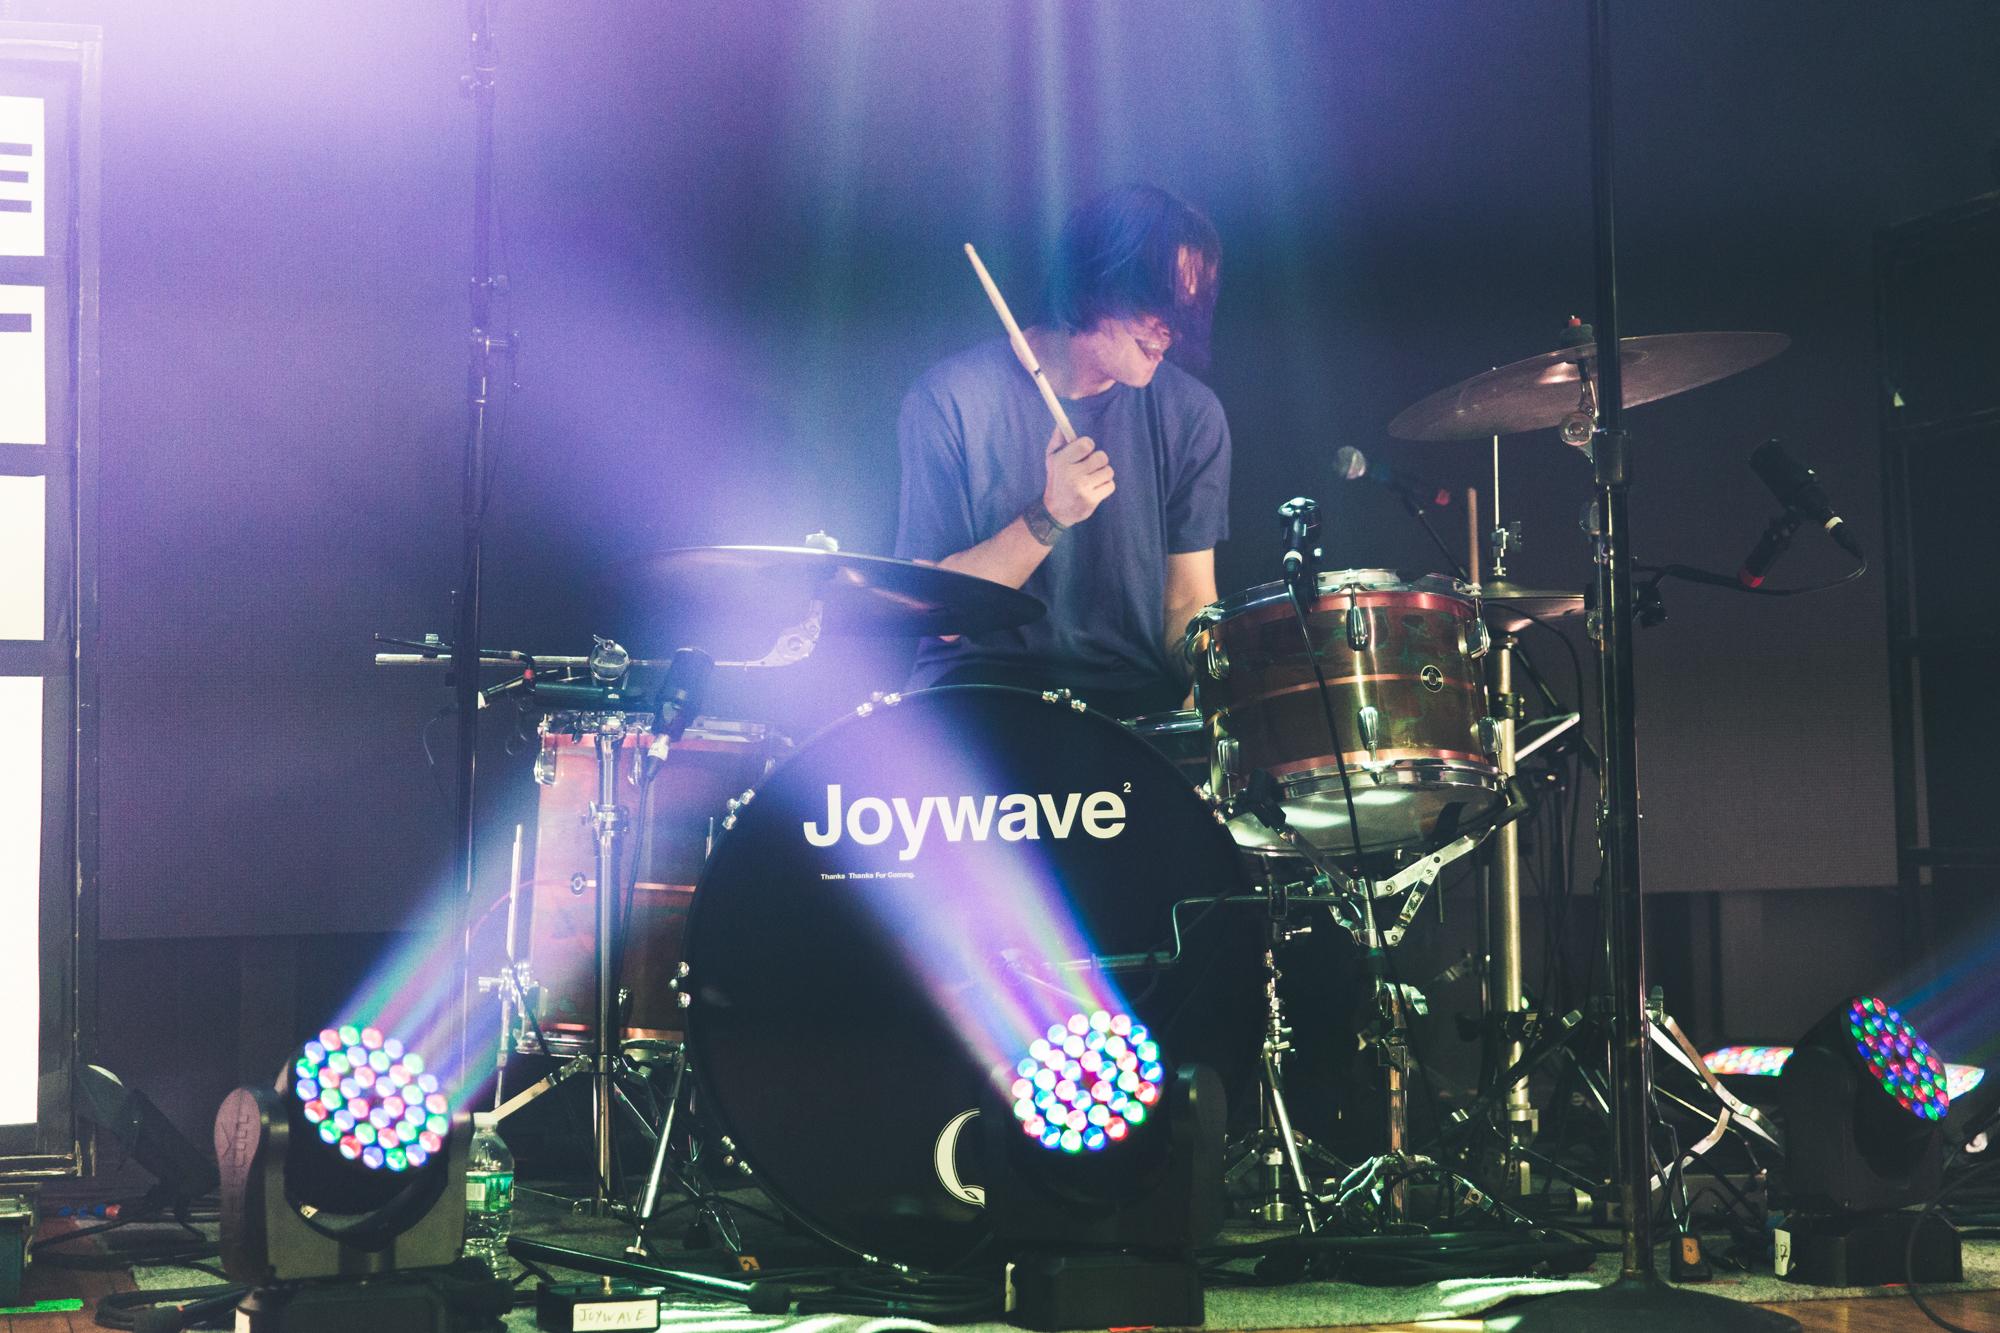 Joywave-8.jpg